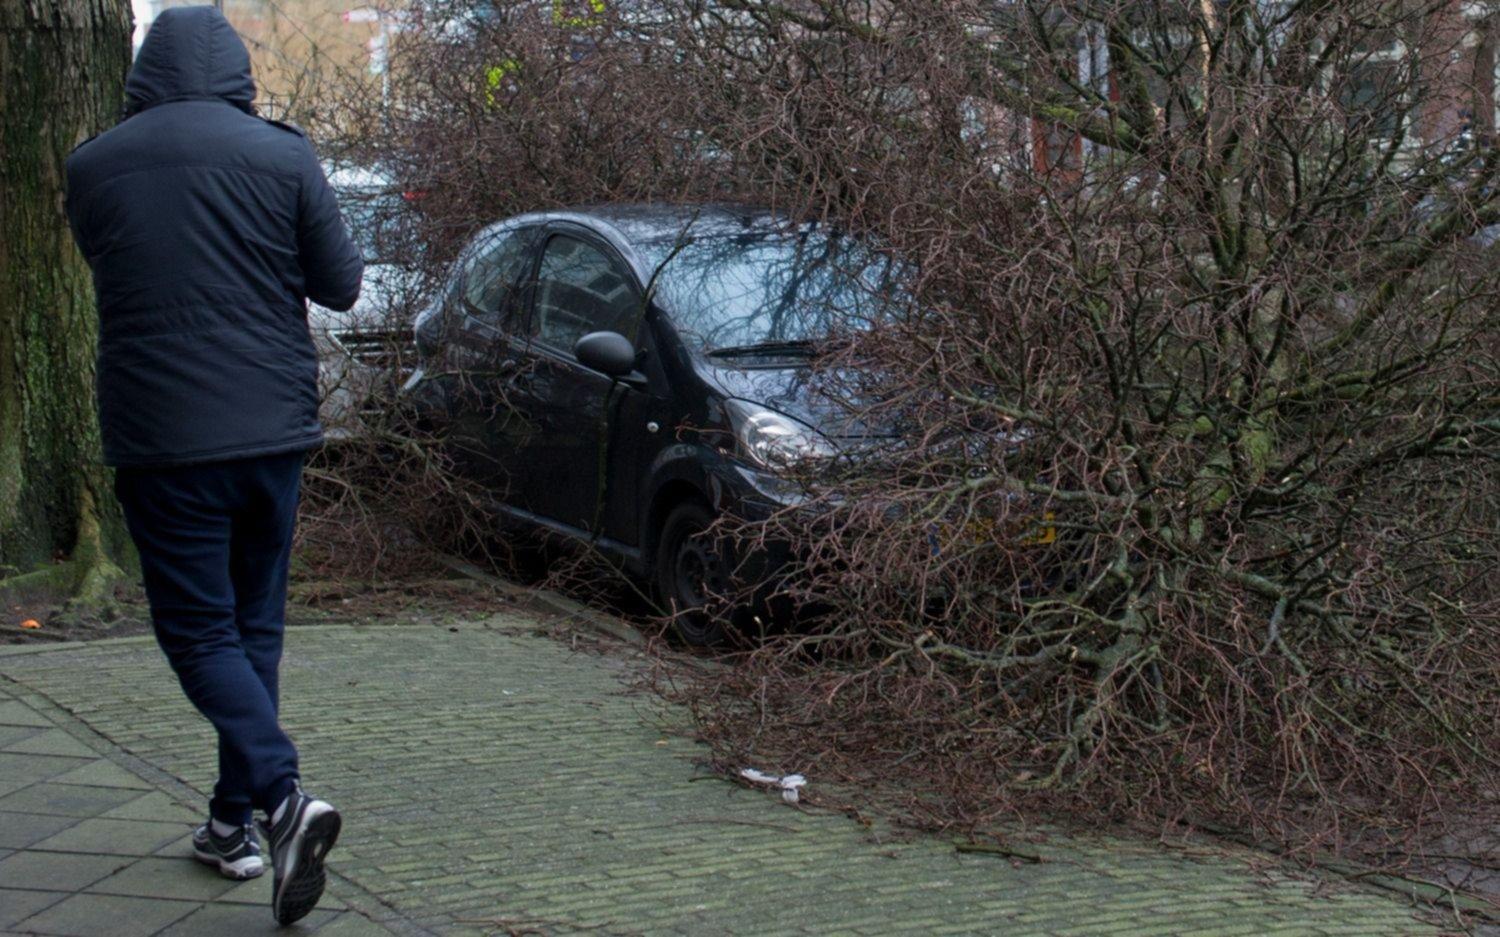 Tempestad con vientos huracanados azota Alemania, Bélgica y Holanda: 9 muertos